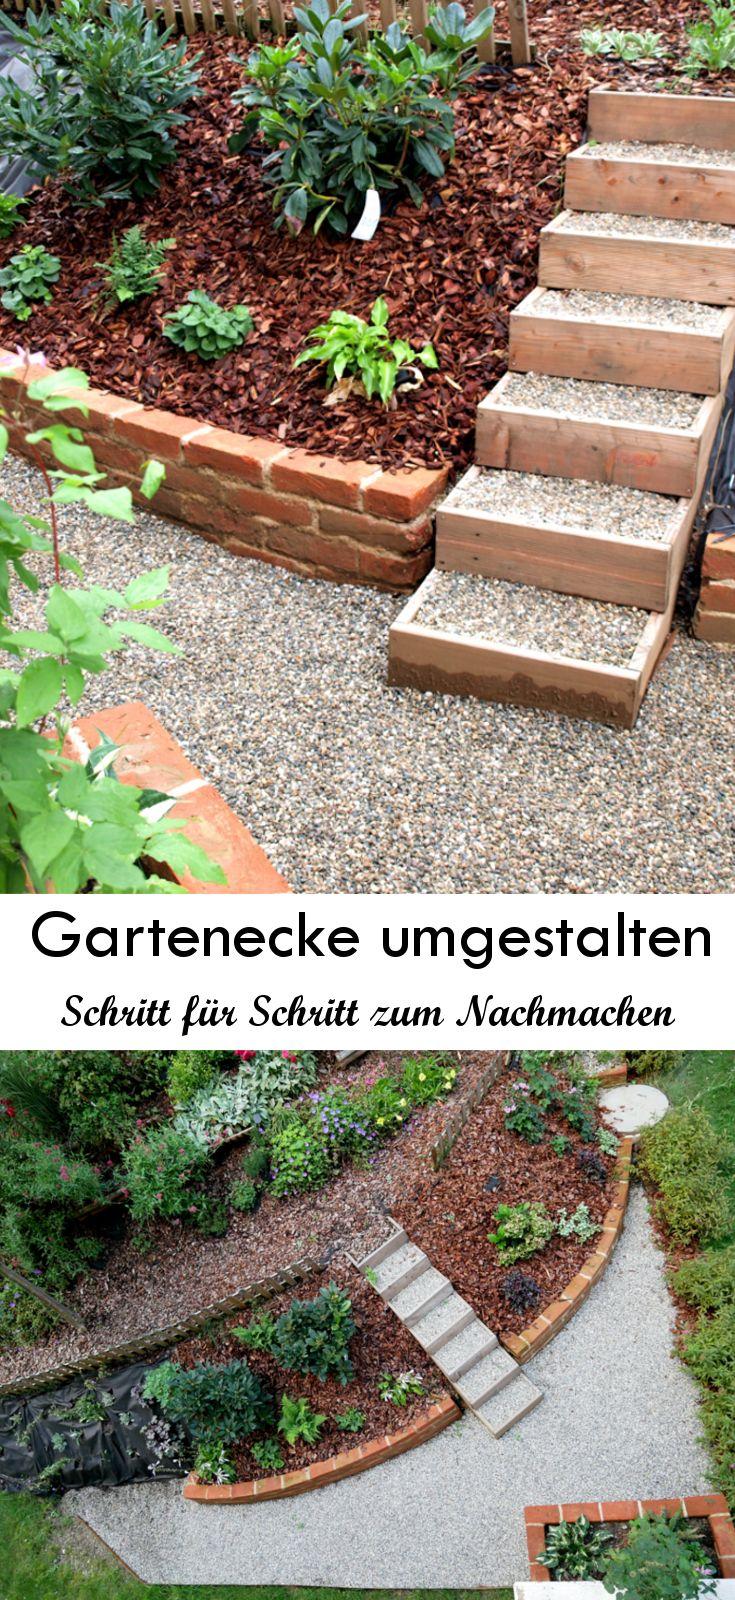 Ich habe eine schattige Gartenecke komplett umgestaltet. Die einzelnen Bauphasen habe ich für euch dokumentiert, damit ihr Teile davon einfach selbst in eurem Garten umsetzen könnt! Lest mehr über andalusische Wandmalerei, Gartenmauern aus Klinkerziegeln, Gartenstufen, Anlegen einer Kiesfläche und Gestaltung eines Schattengartens!  #schattengarten #gartengestaltung #gardening #gartenstufen #gartenmauer #kiesfläche #gardensteps #shadowgarden #gardendesign